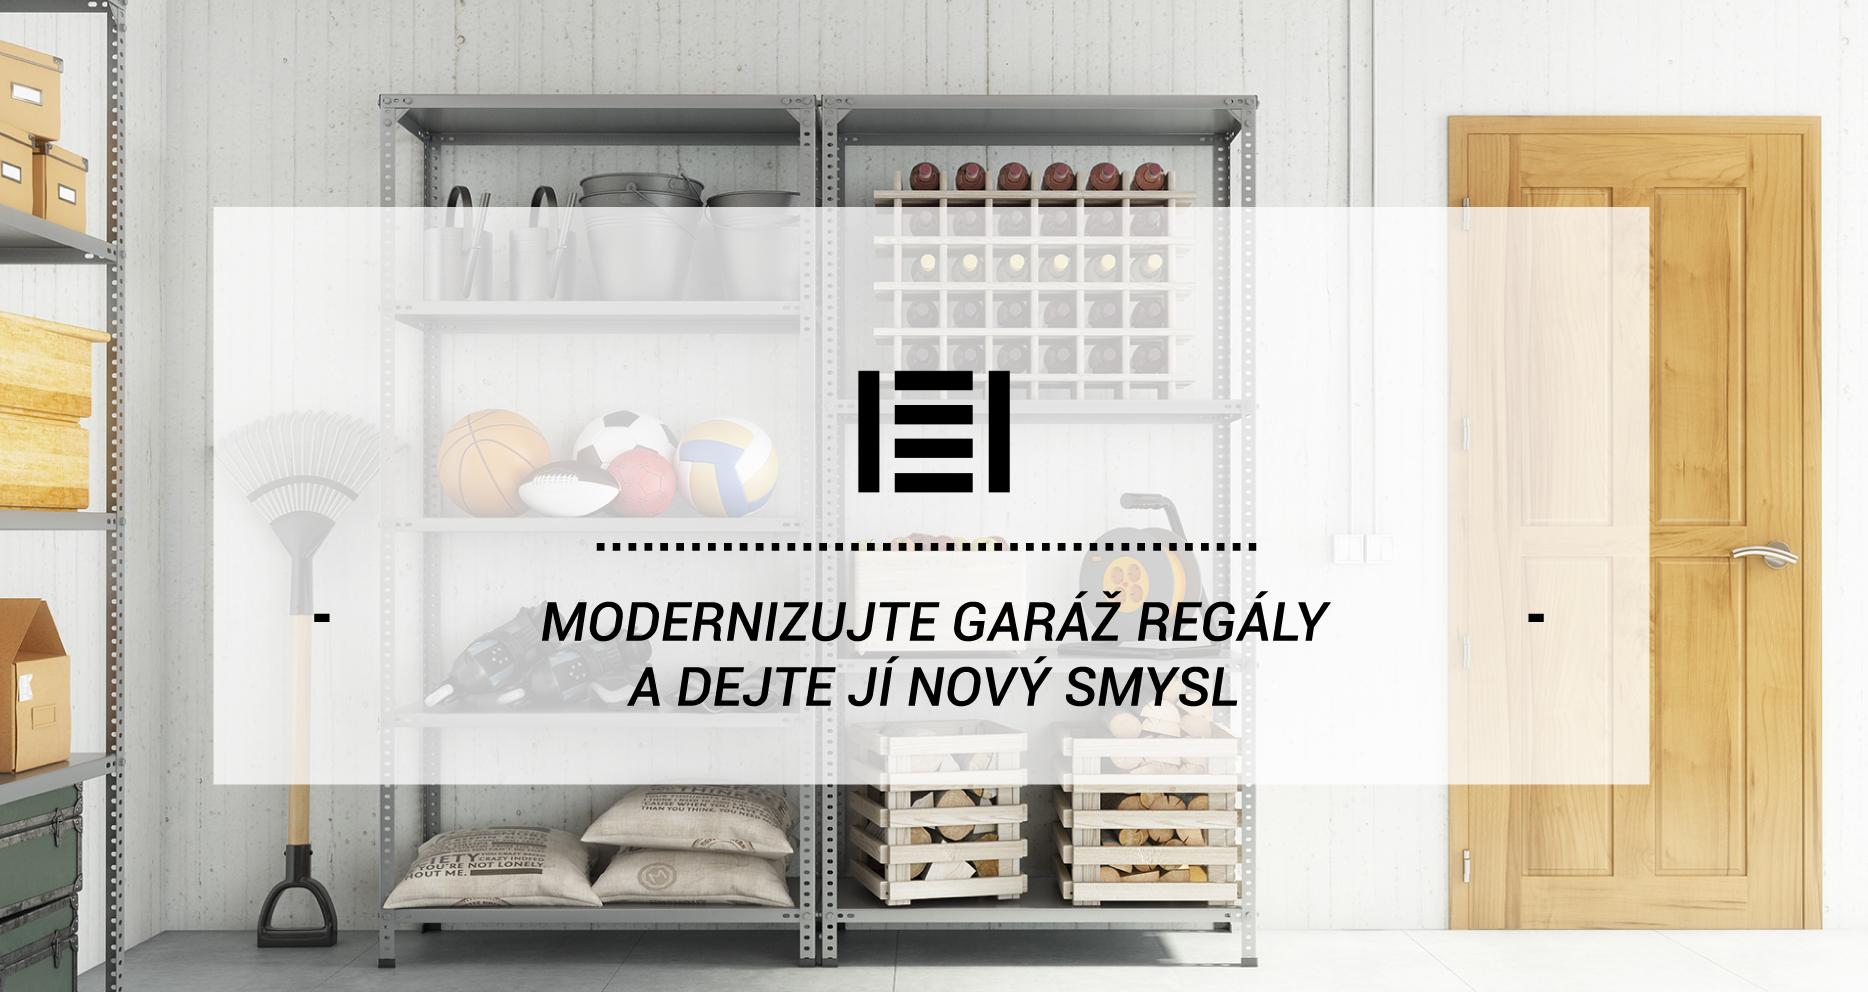 Modernizujte garáž regály a dejte jí nový smysl